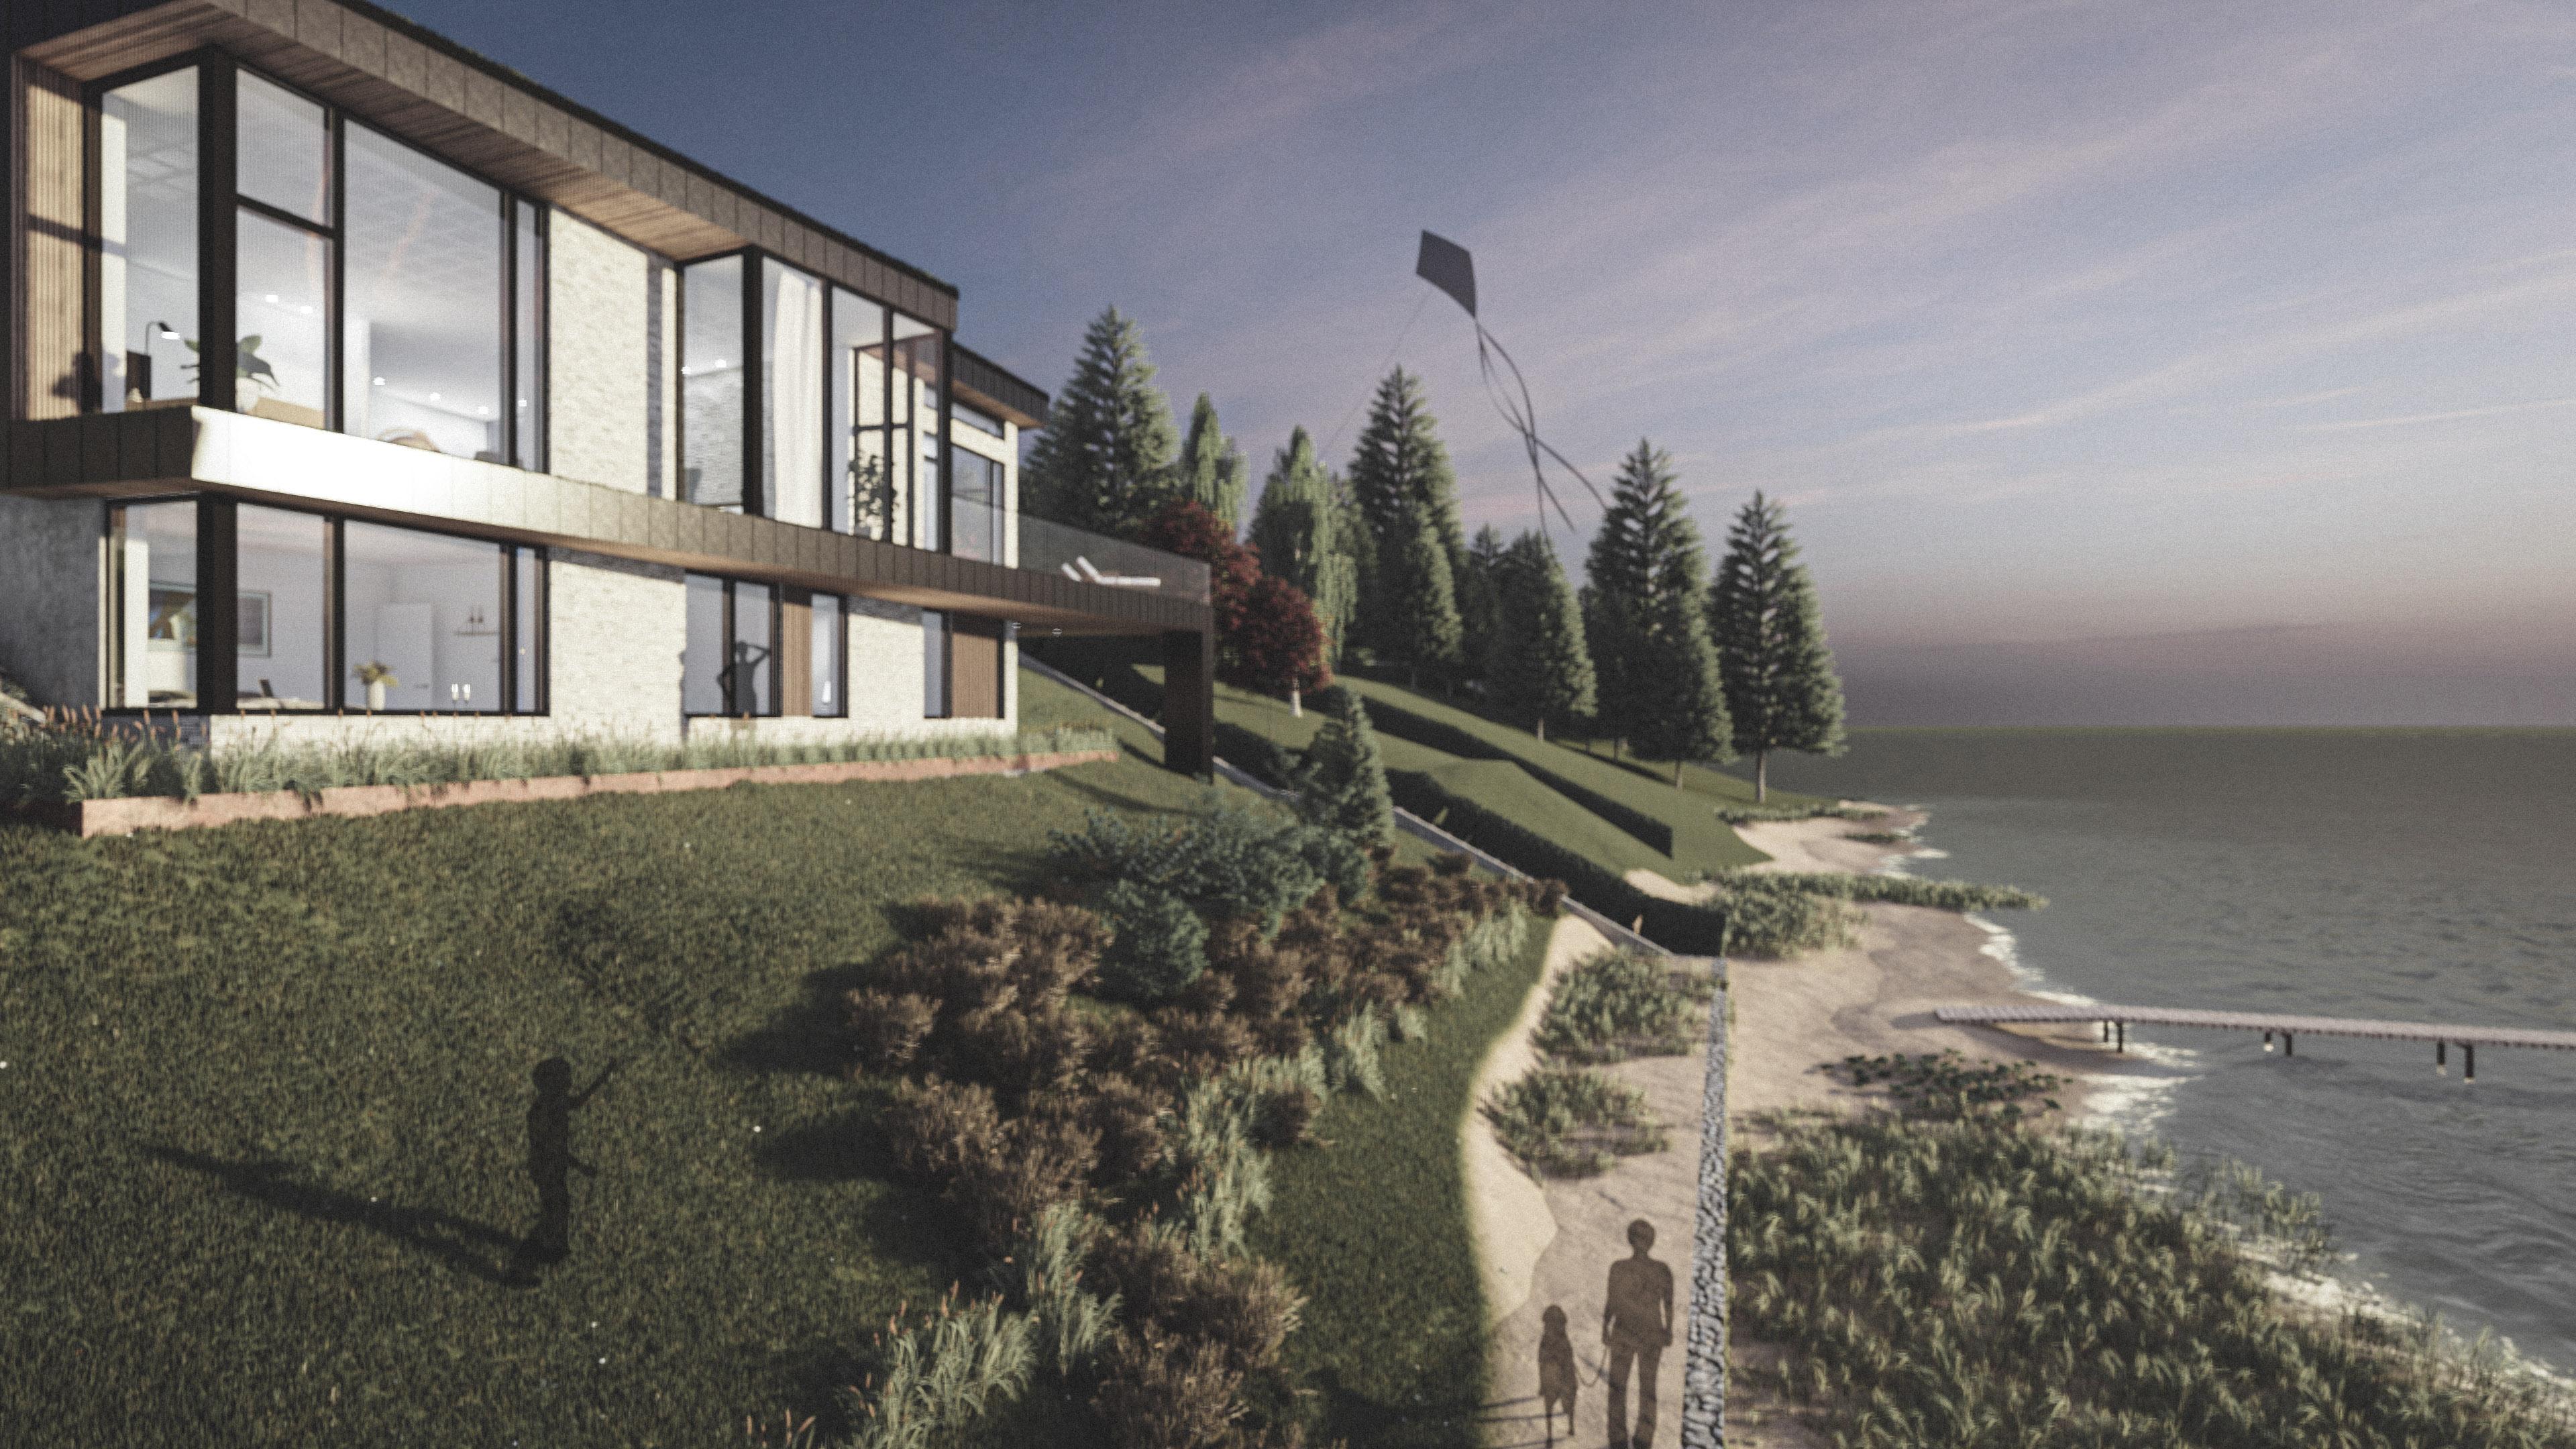 Billede af et arkitekt tegnet projektforslag af ny drømme villa i Roskilde, af det danske arkitektfirma m2plus